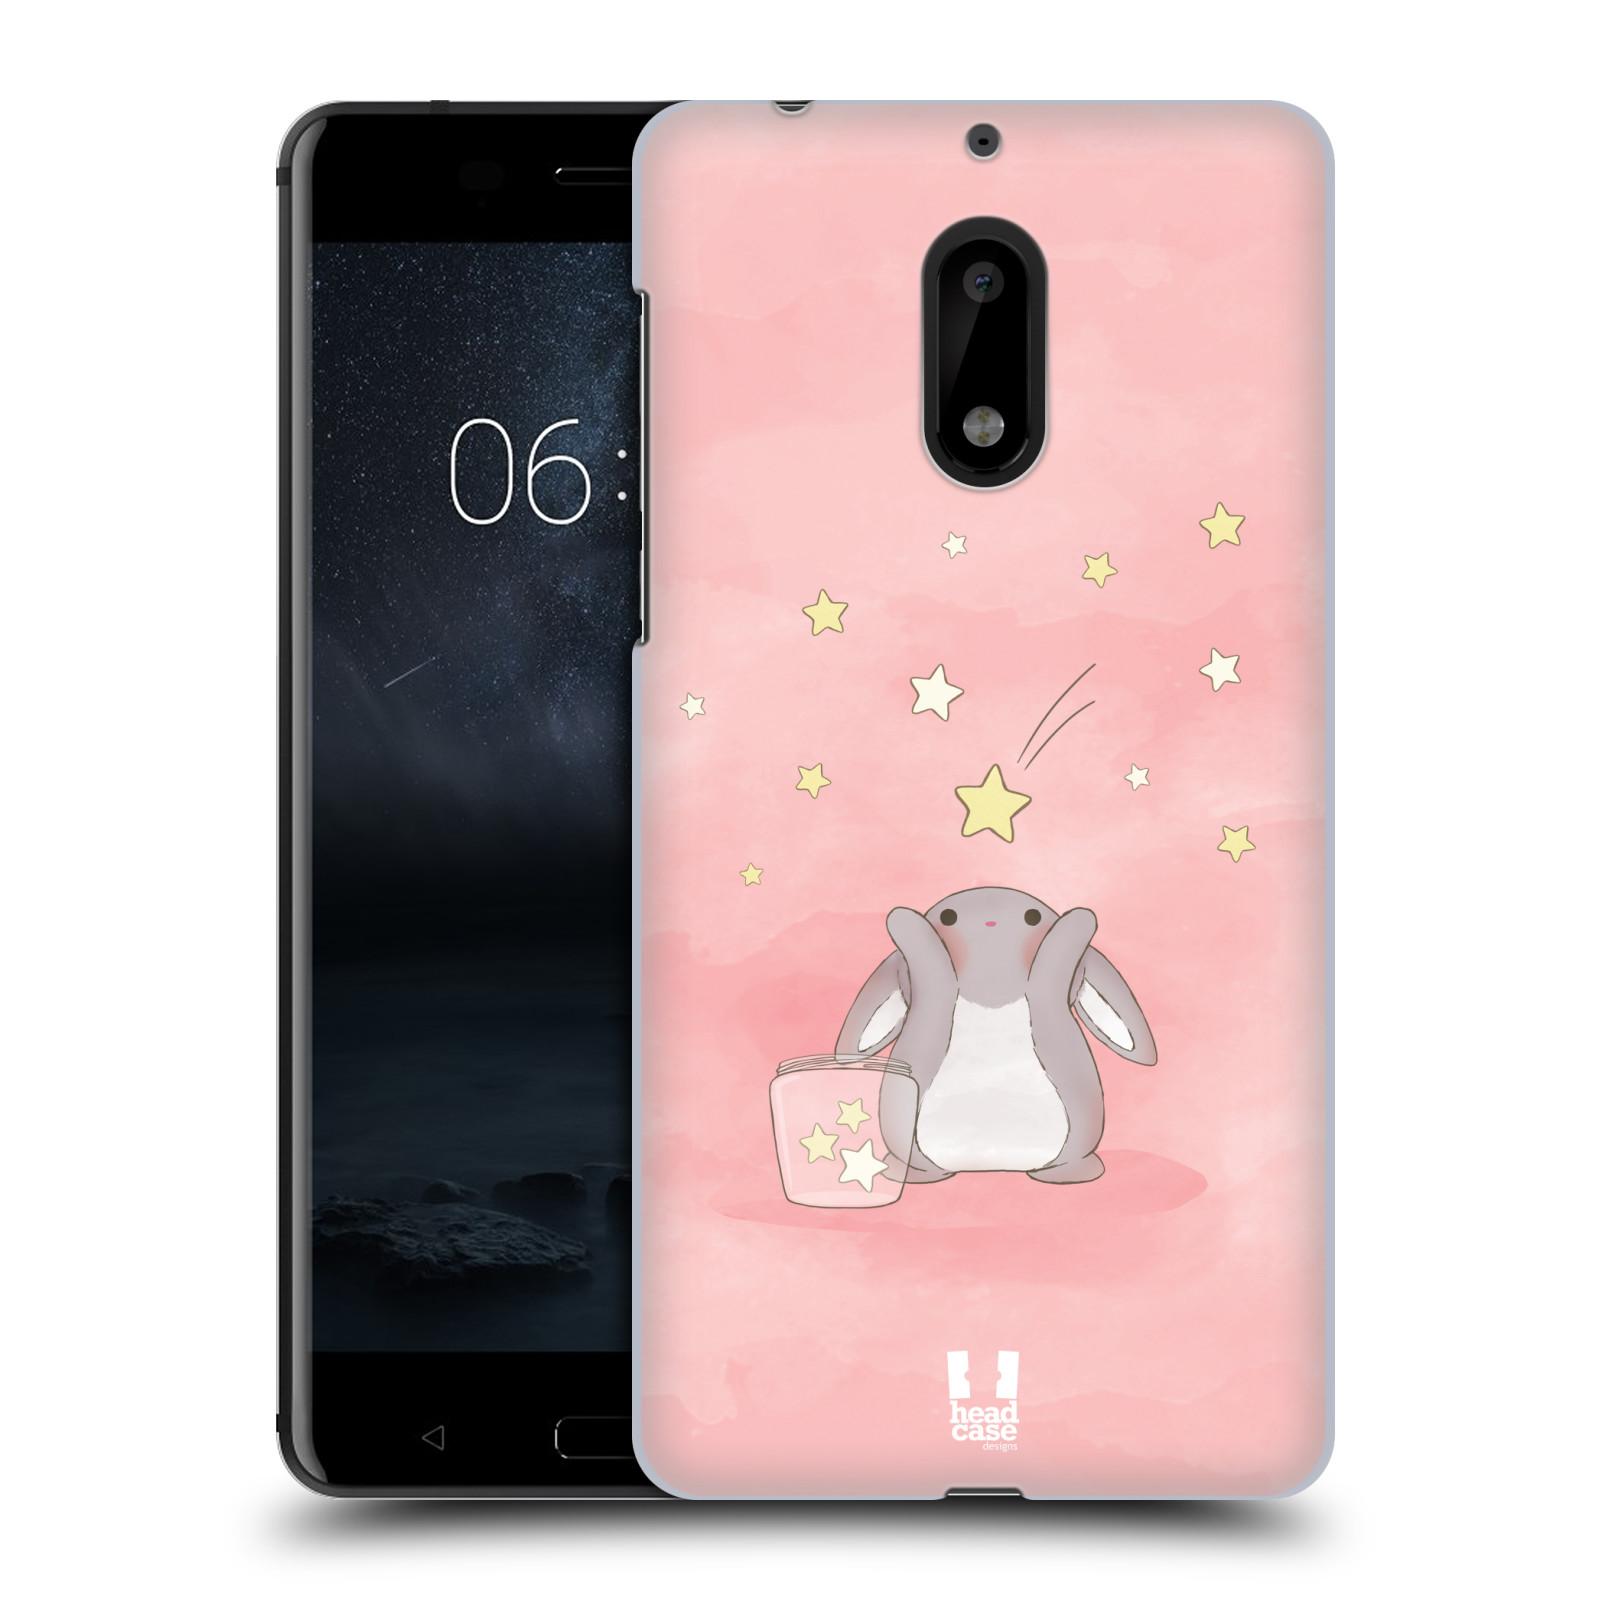 HEAD CASE plastový obal na mobil Nokia 6 vzor králíček a hvězdy růžová